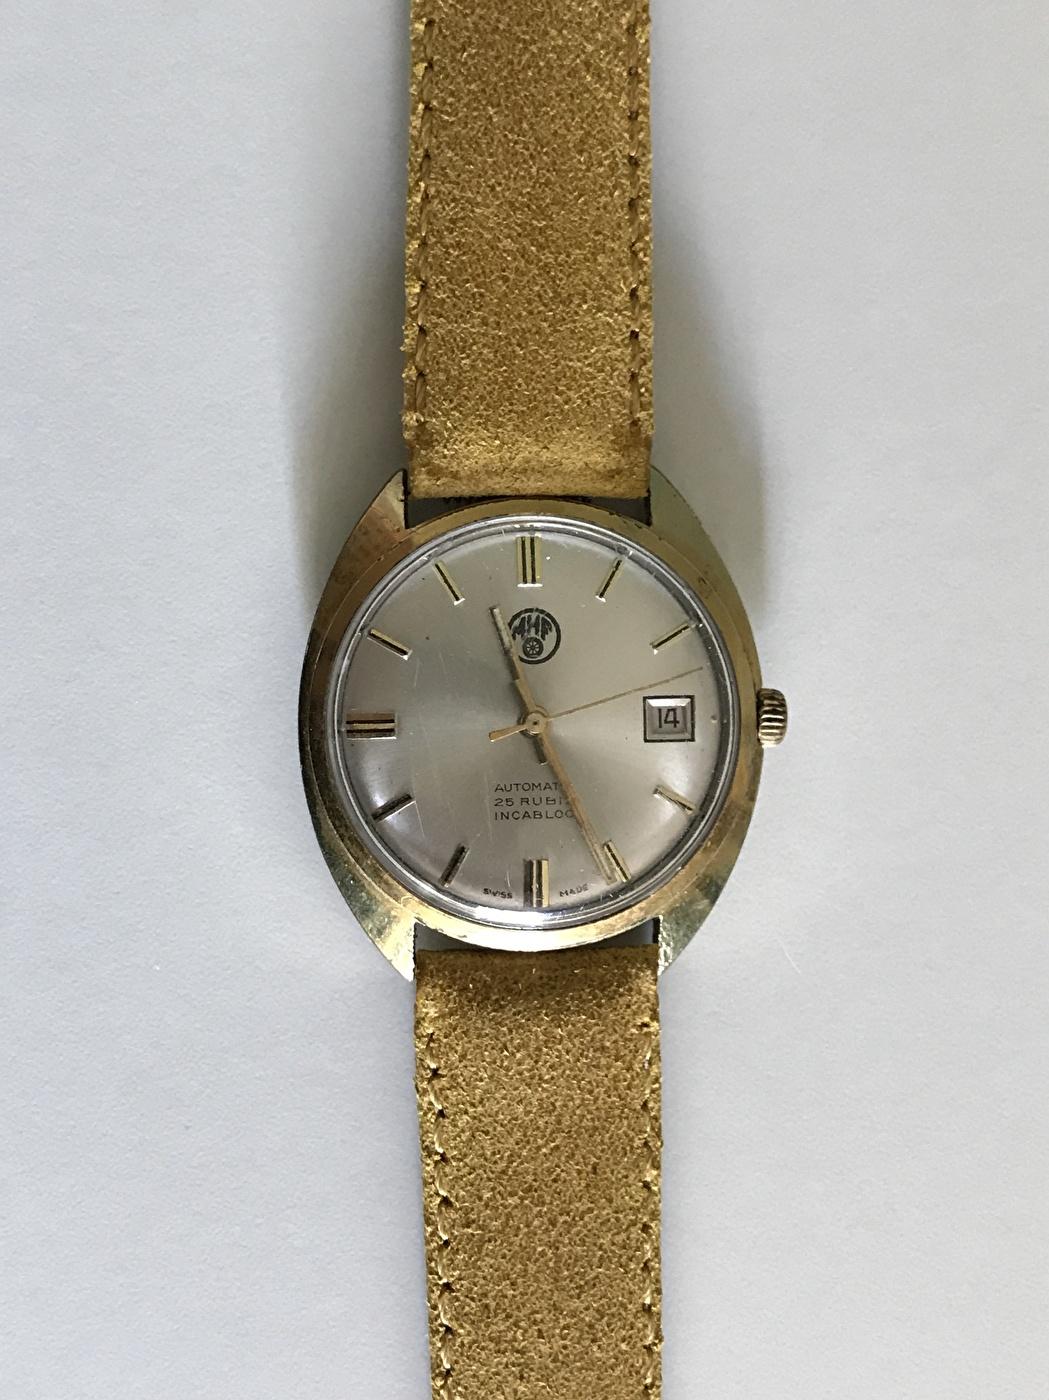 Kundbild - Guldband på gammal föreningsklocka